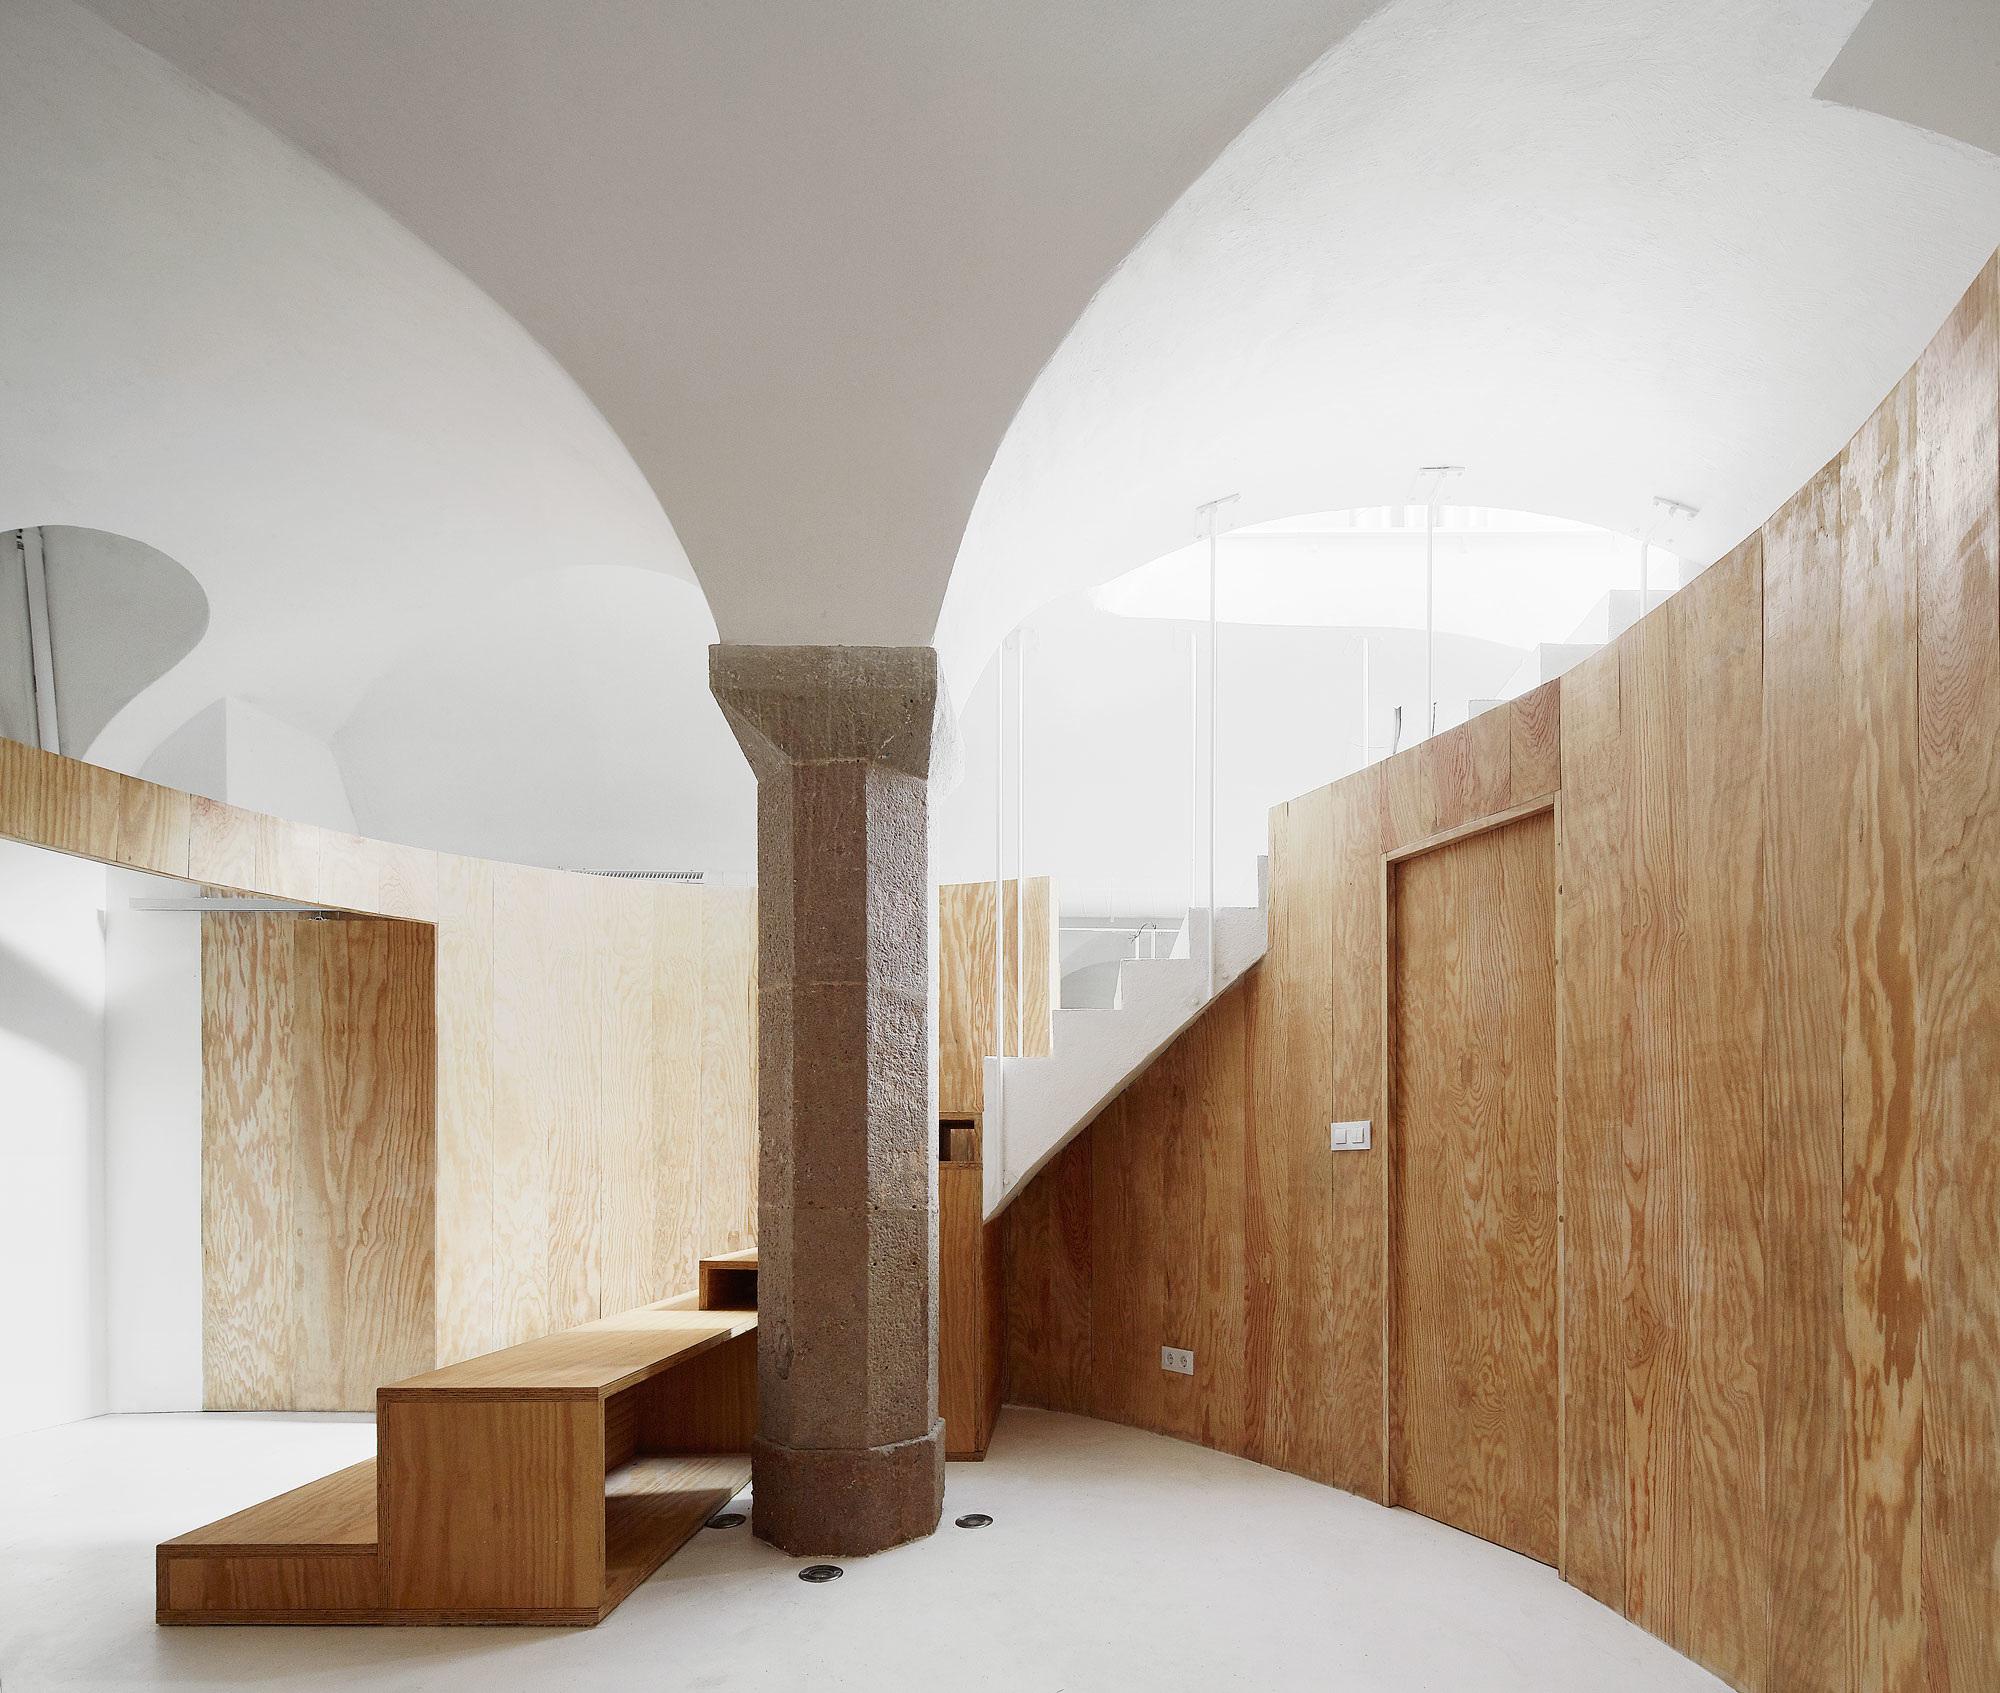 Apartment / RAS Arquitectura